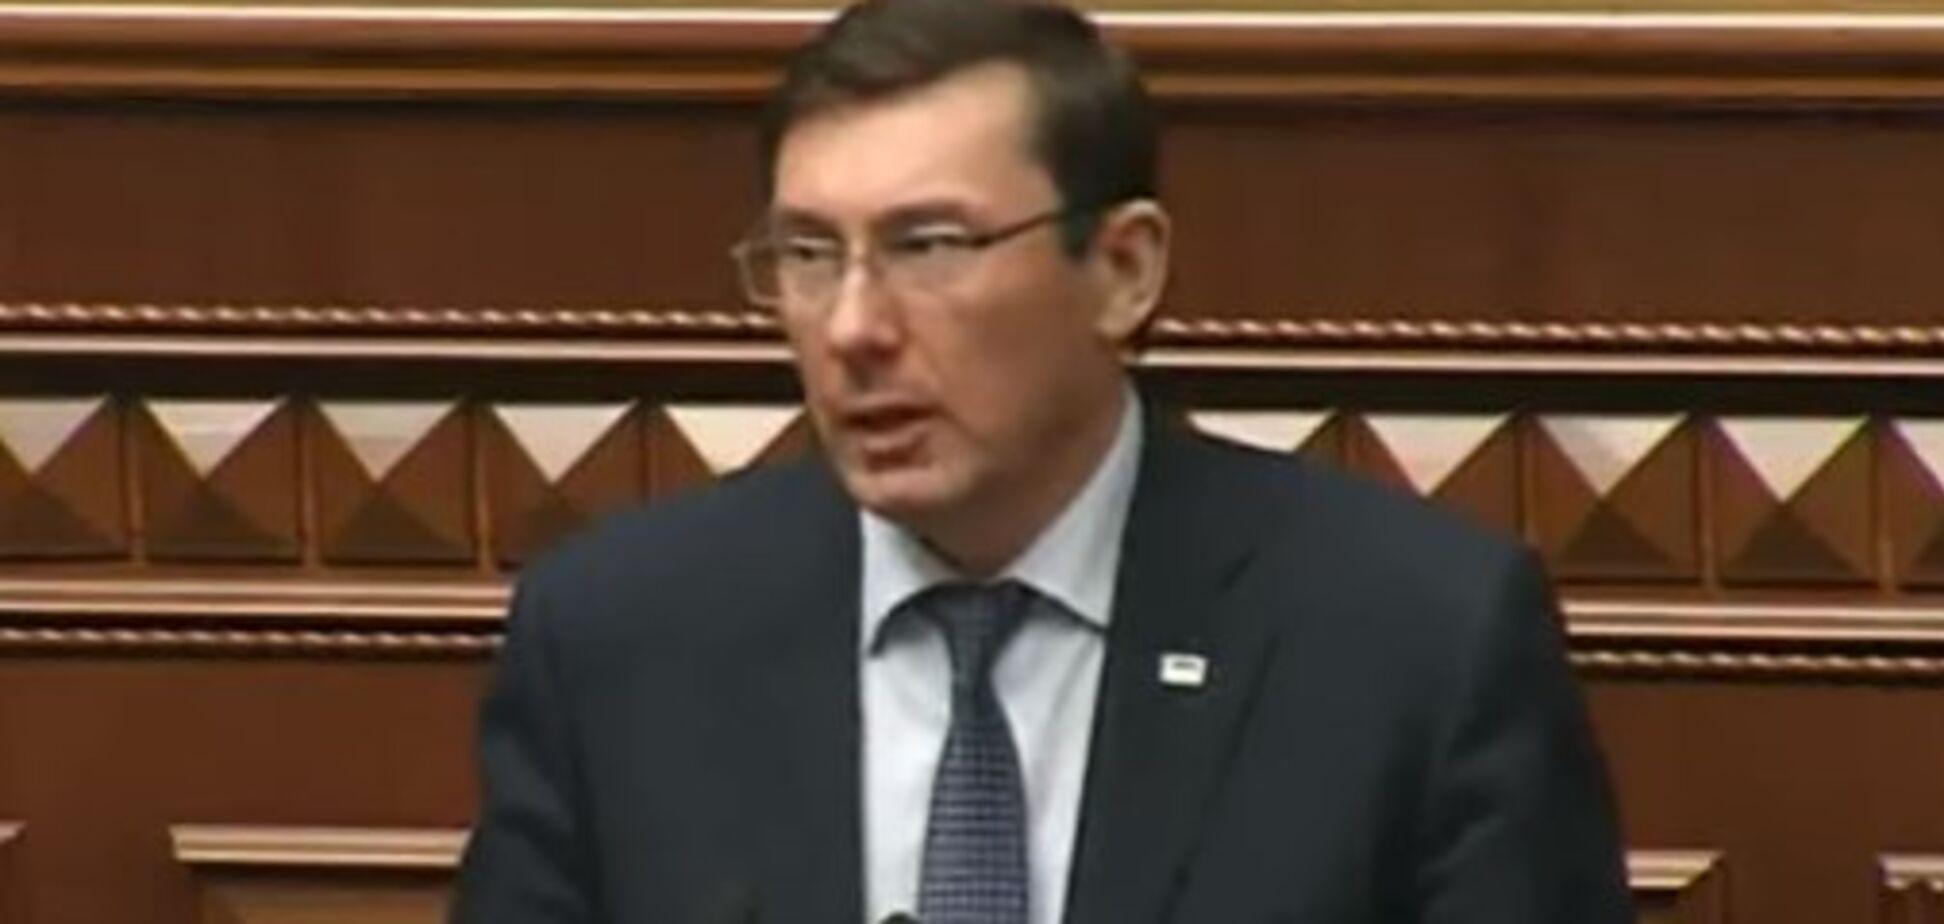 'Назву прізвище': Луценко натякнув на 'ляльковода' Савченко